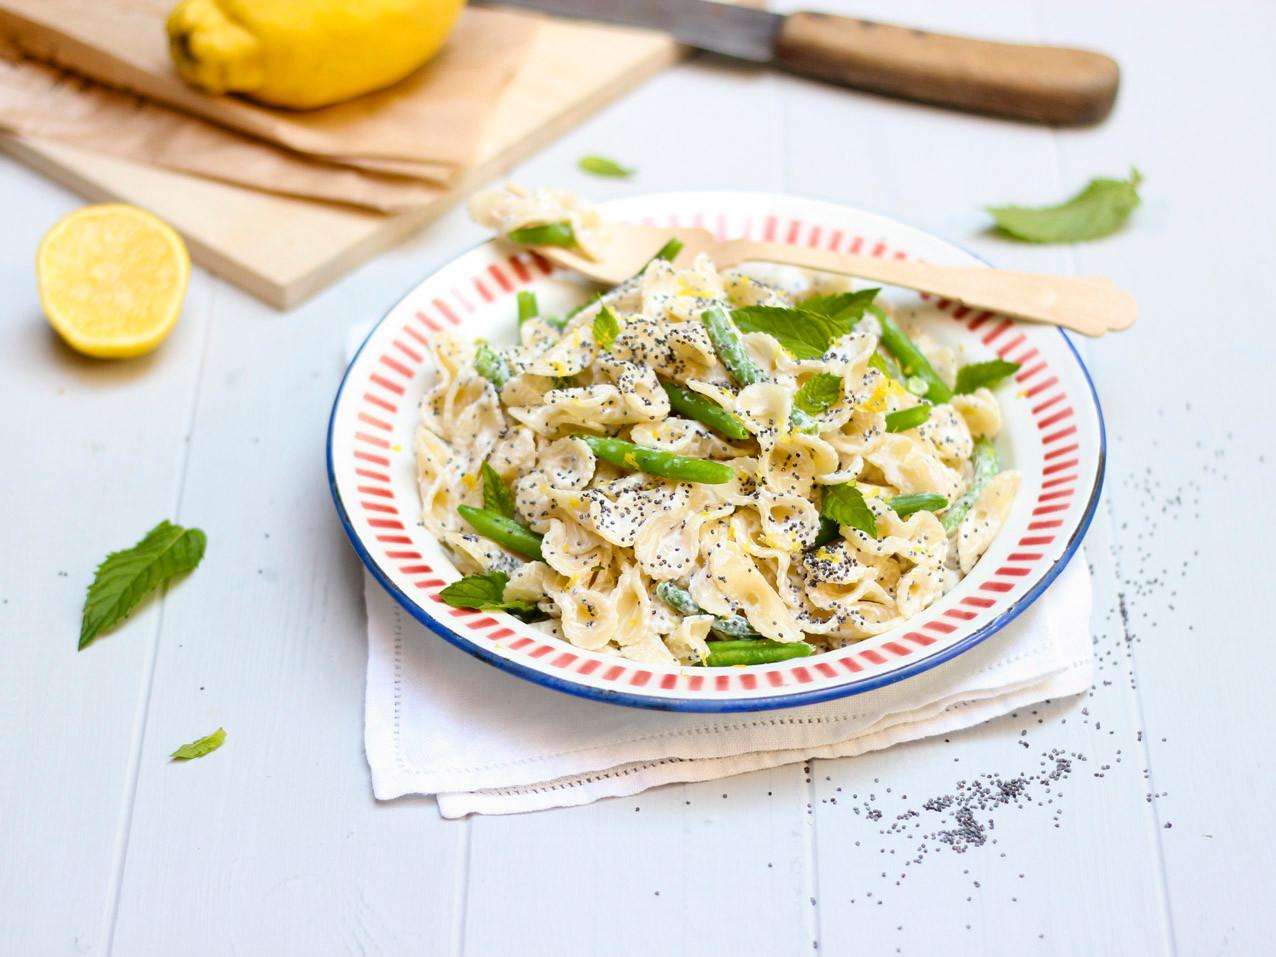 Nudelsalat mit Mohn, Zitrone, grüne Bohn